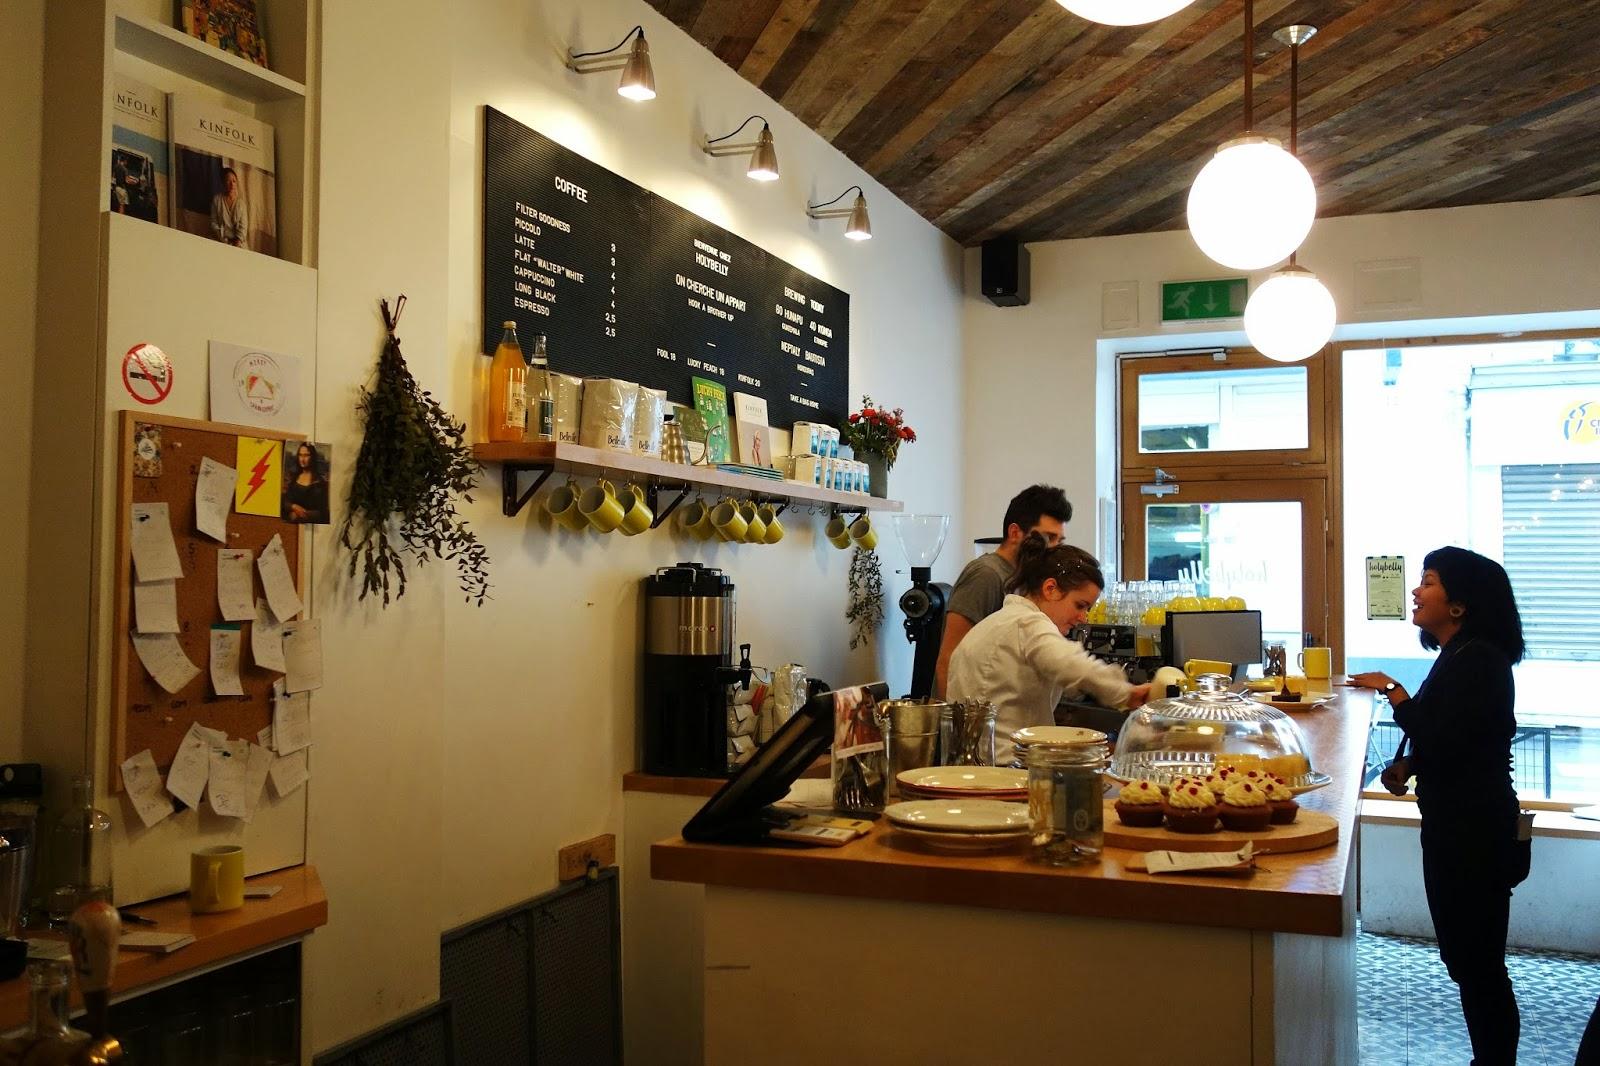 Mes adresses holybelly le coffee shop trendy 19 rue lucien sampaix paris 10 paris la douce - Restaurant rue des vinaigriers ...